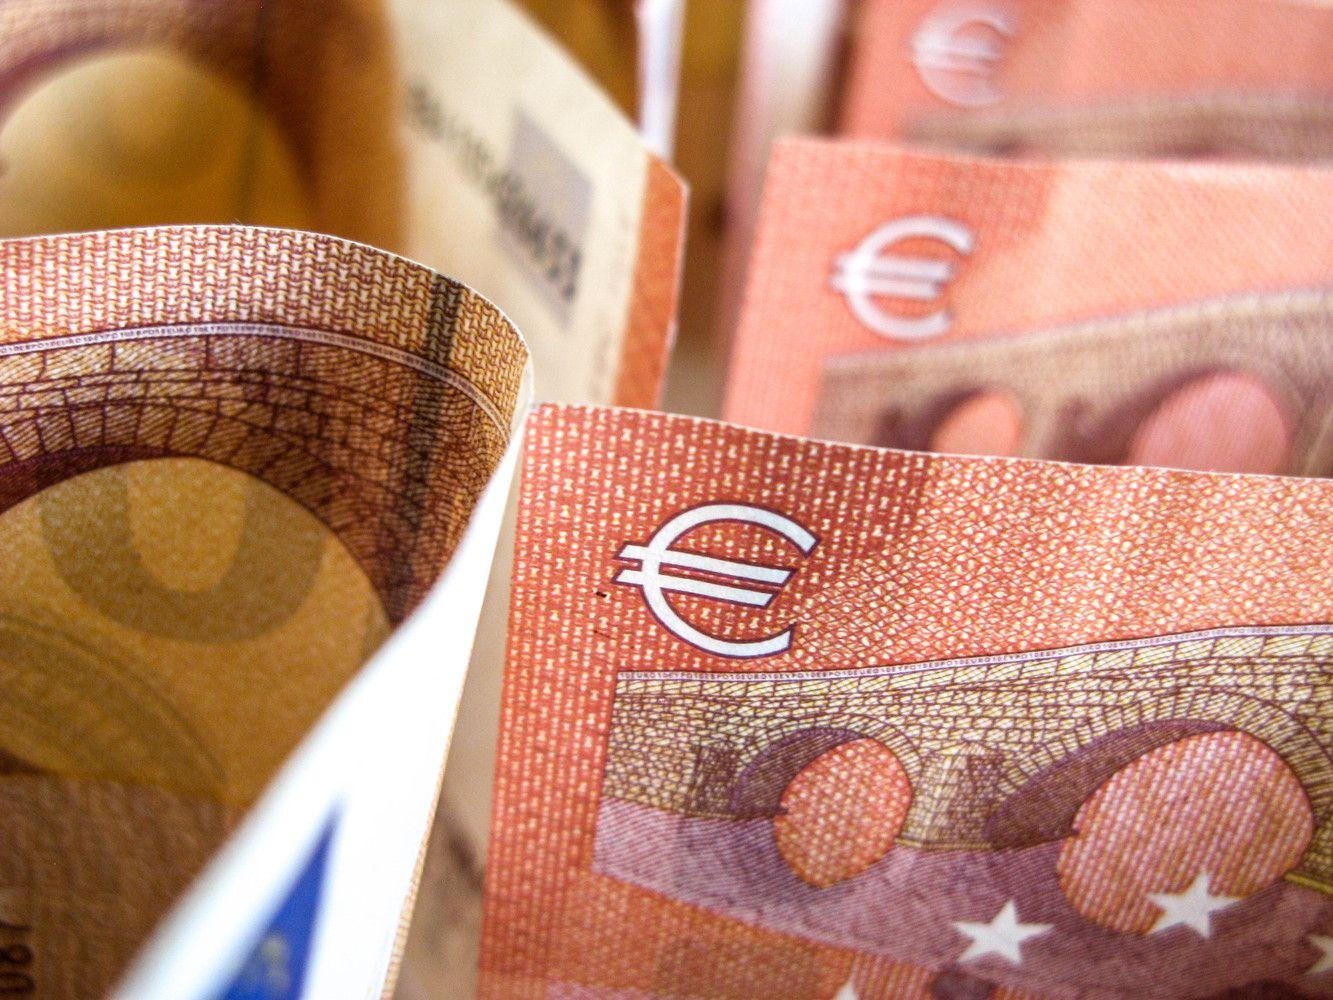 Pirmą pusmetį centrinė valdžia gavo 226 mln. Eur daugiau nei išleido